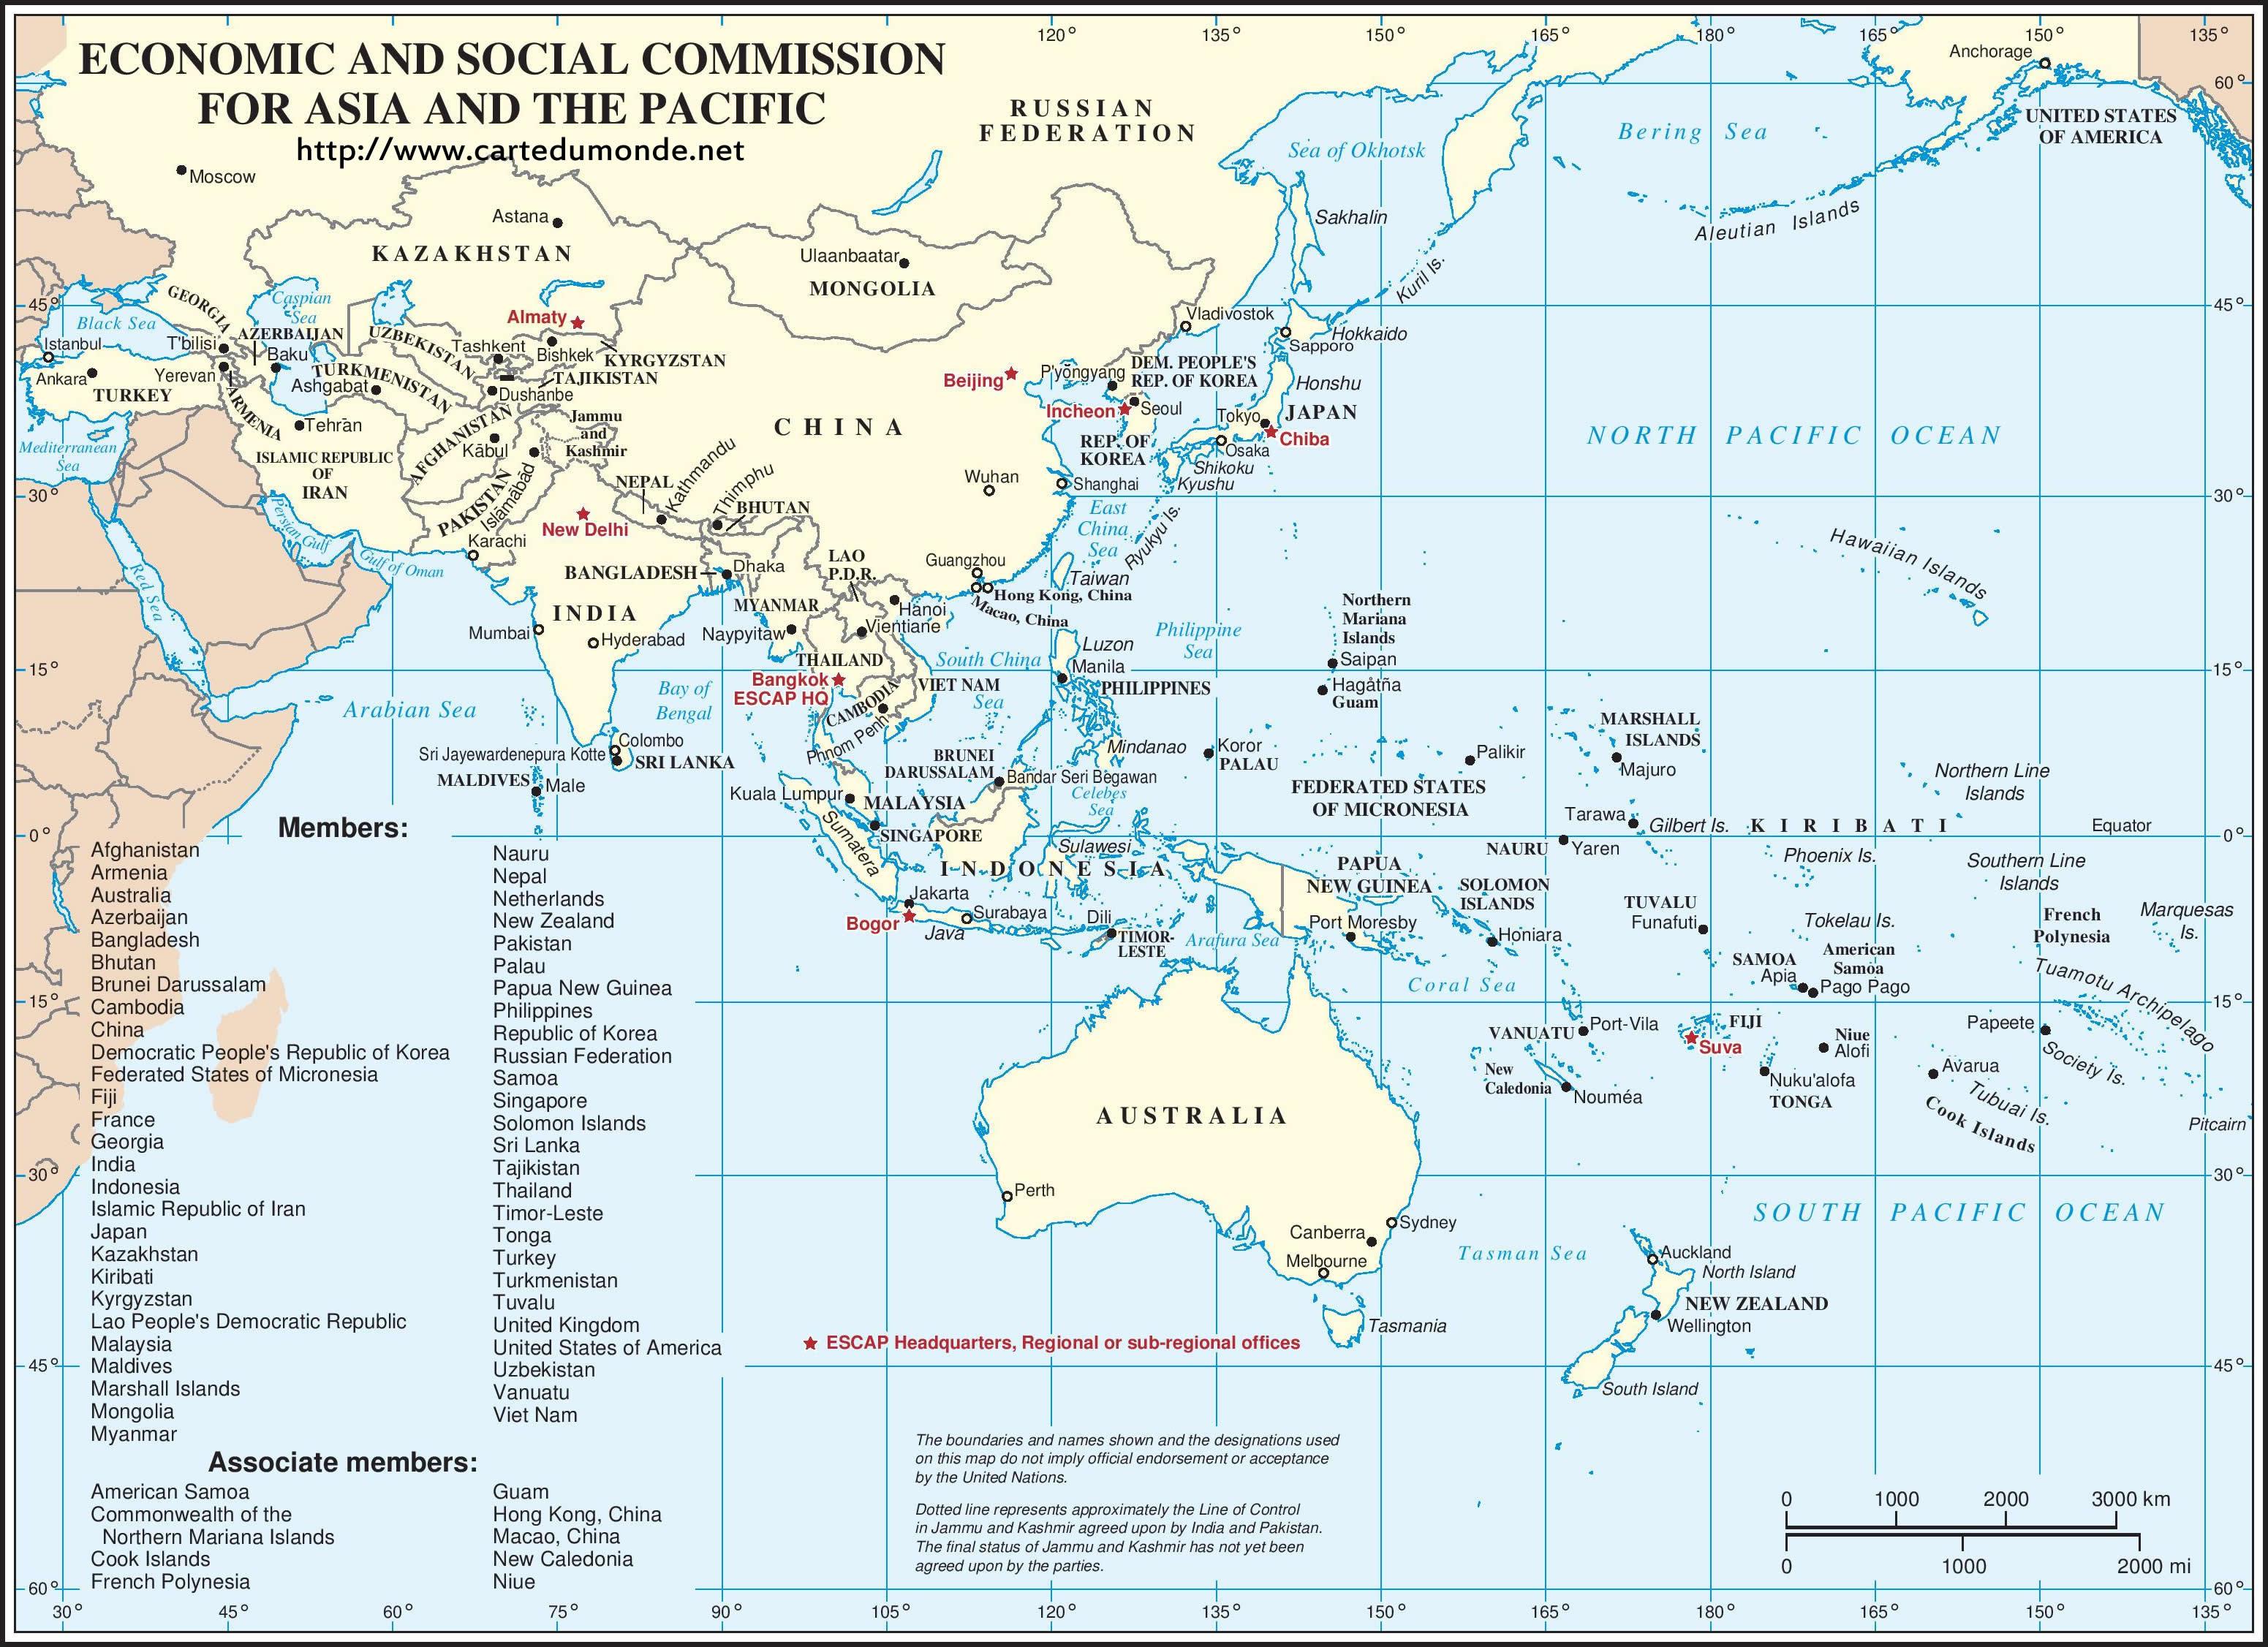 Wirtschaftskommission für Asien und den Pazifik